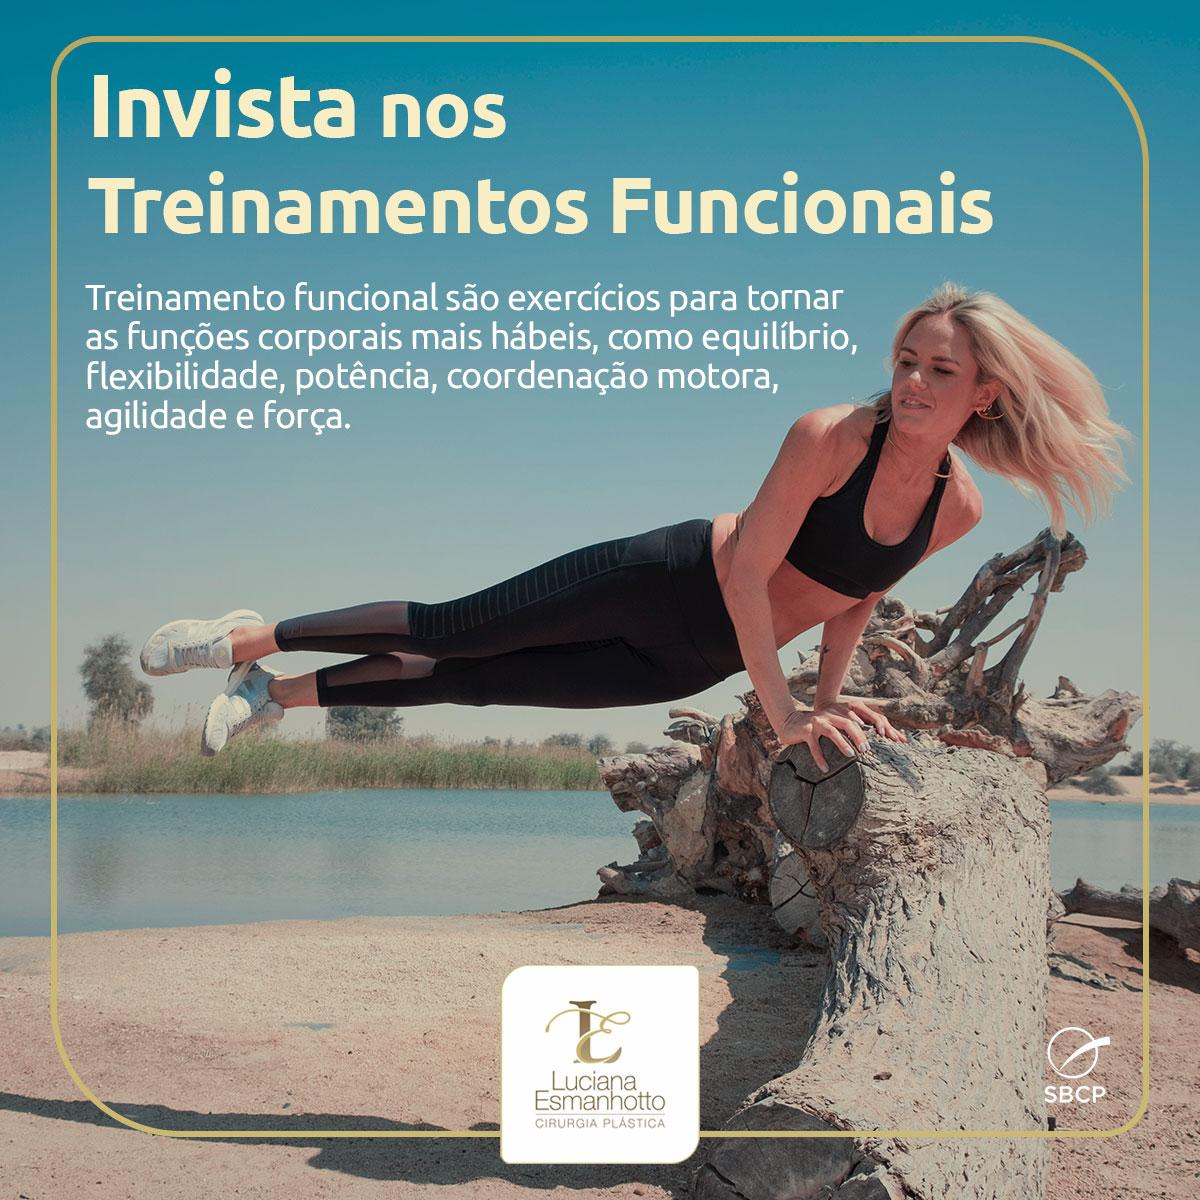 Invista Nos Treinamentos Funcionais Luciana Esmanhotto